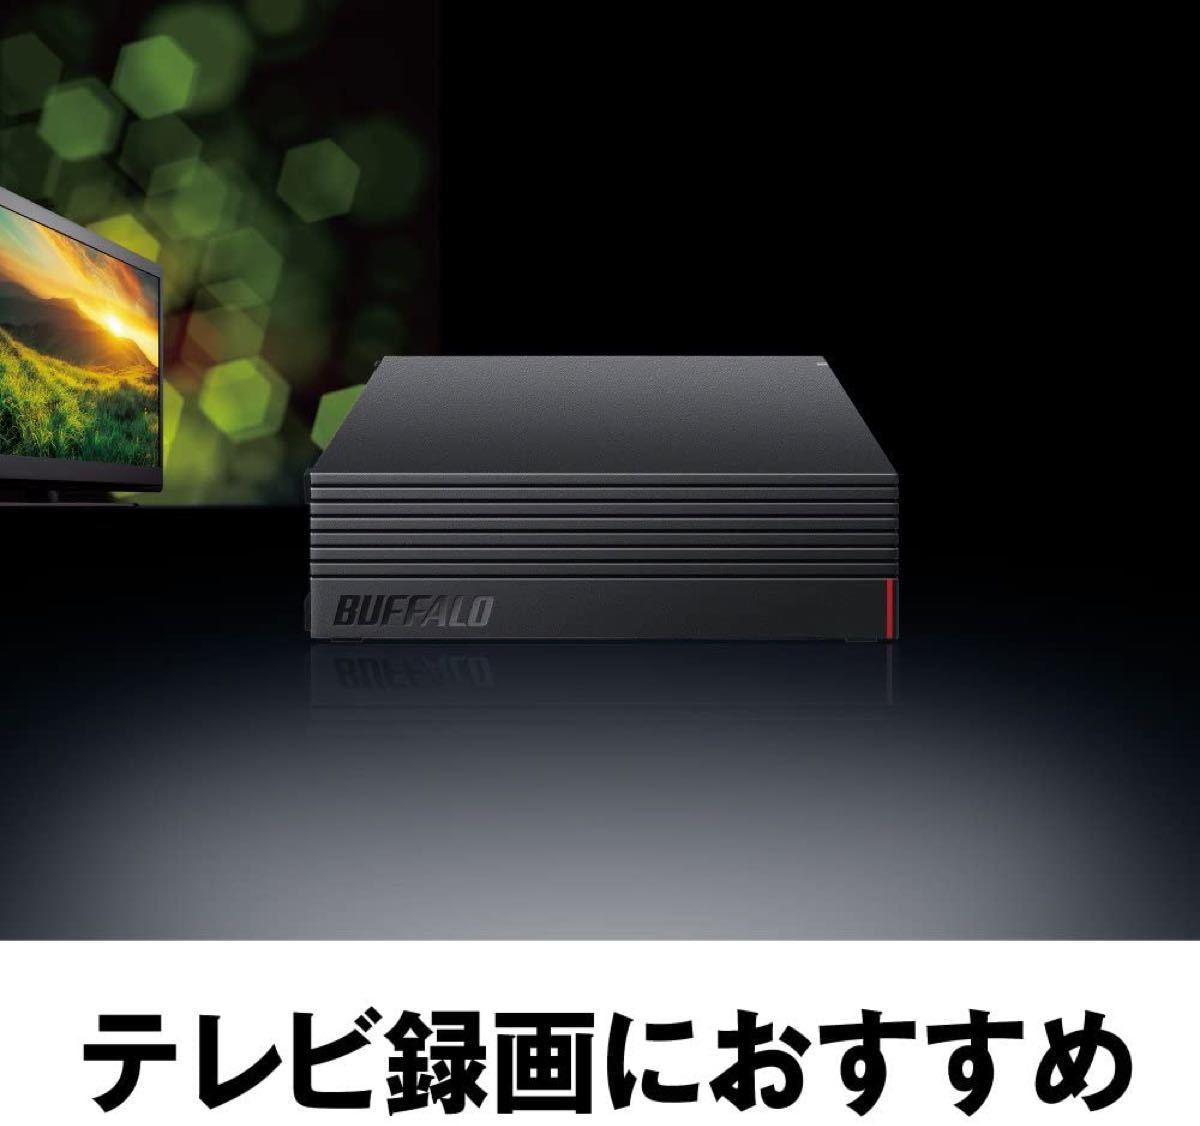 ■美品■【バッファロー 2TB 外付けHDD 】テレビ録画&レコーダー録画/PS5/PC(Windows/mac)対応 静音